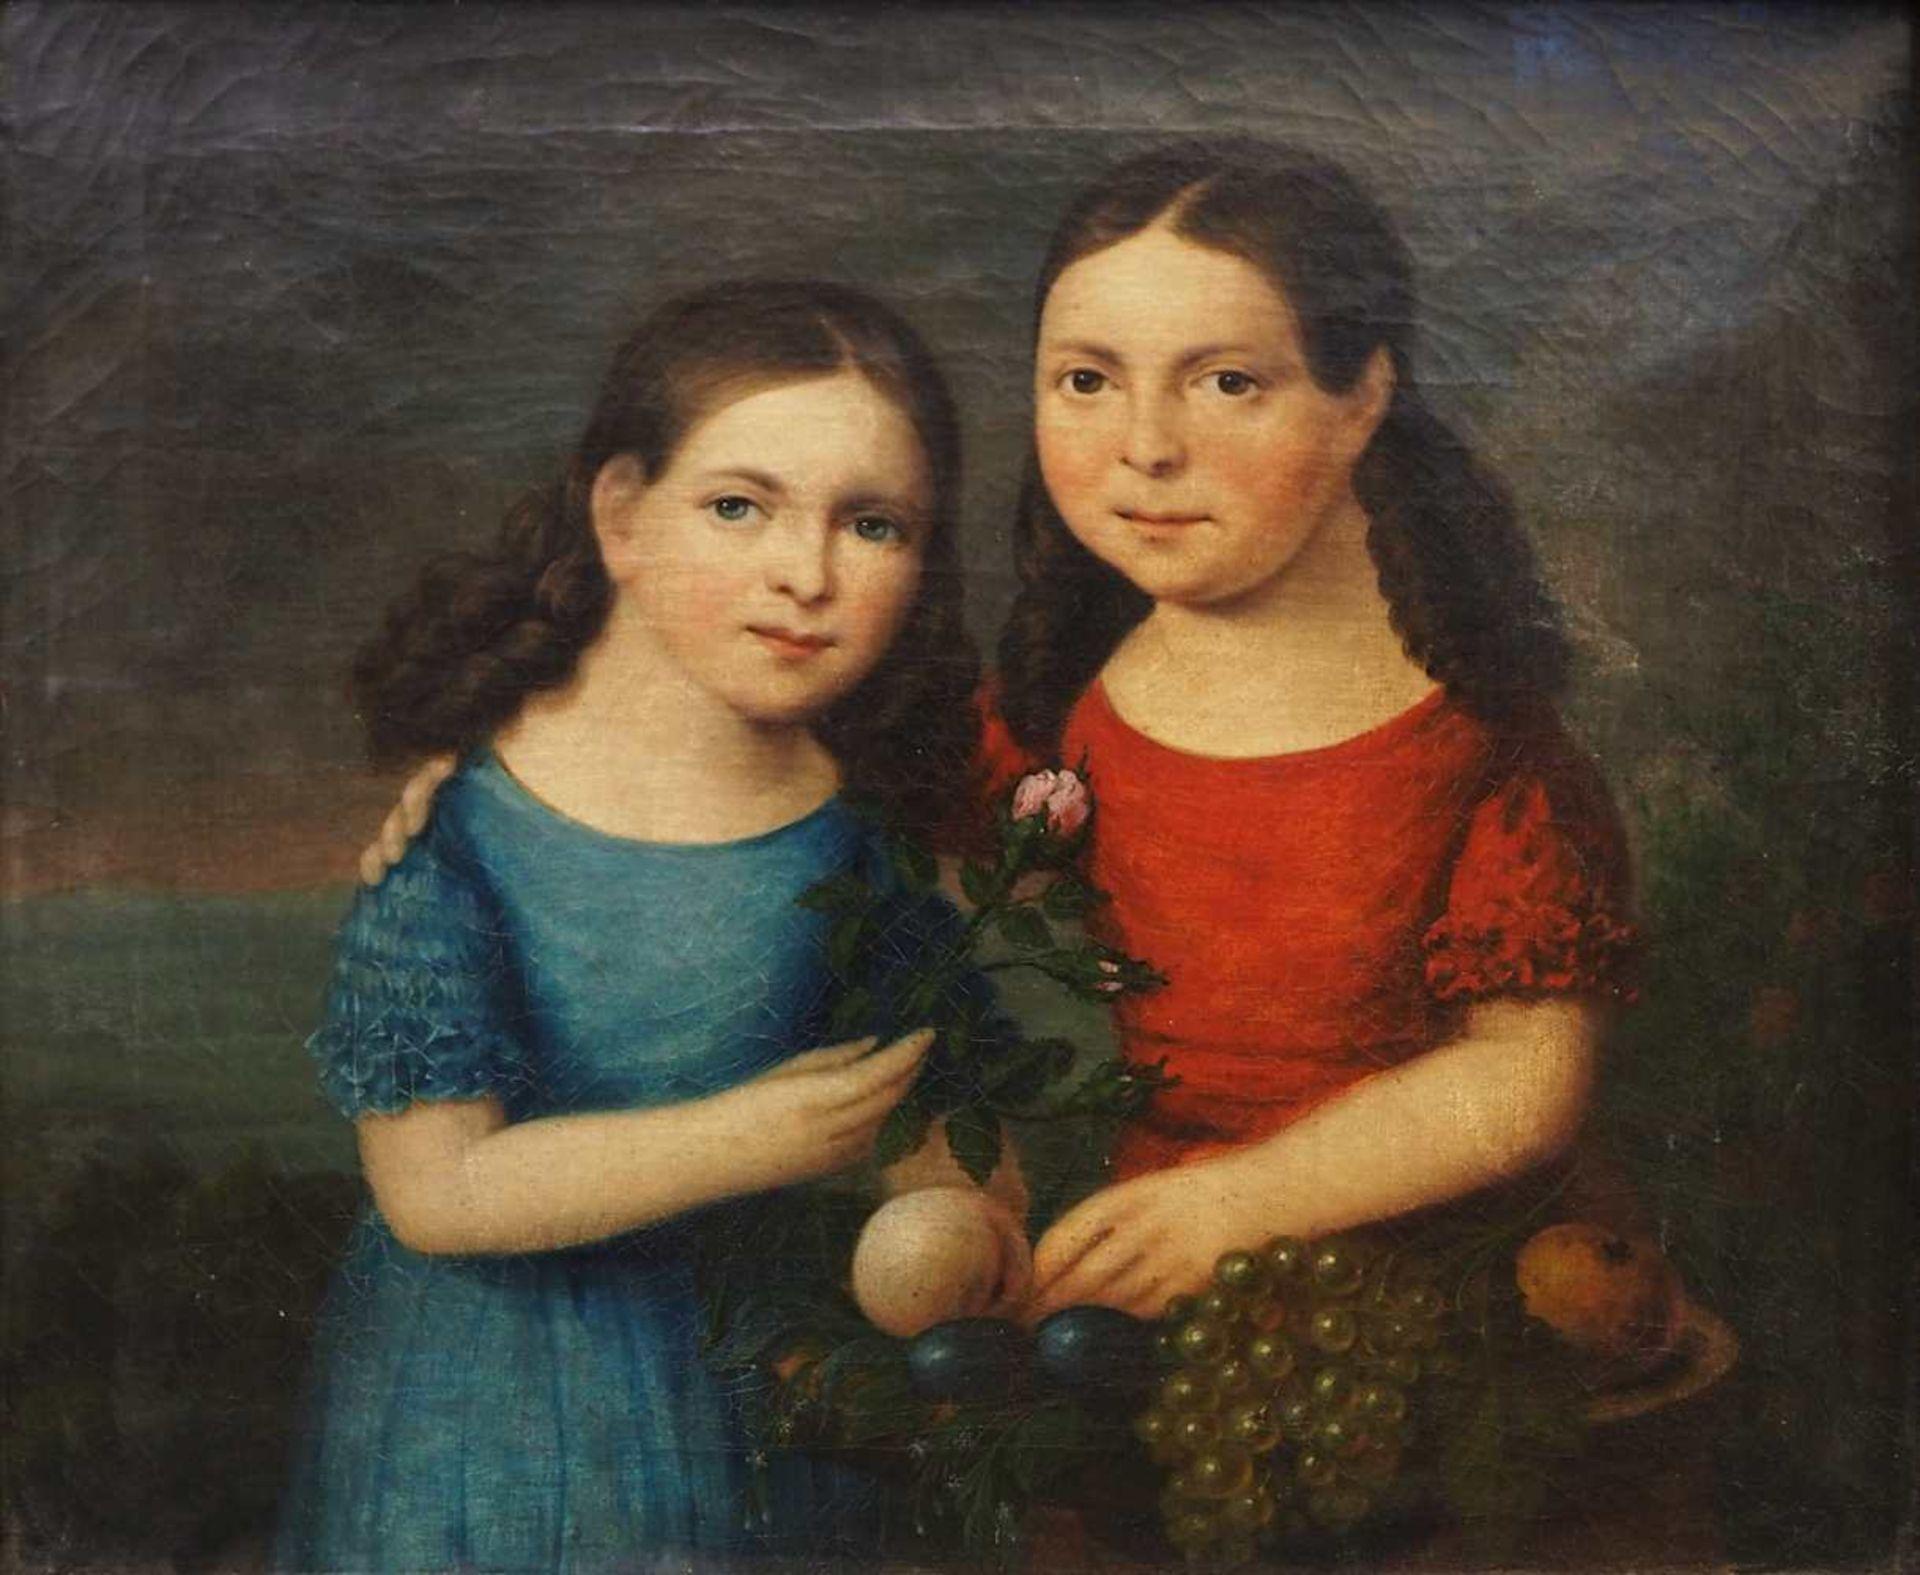 """1 Ölgemälde """"Geschwisterpaar mit Früchtekorb, Vergissmeinnicht und Rose"""" unsign. wohl Biederm"""